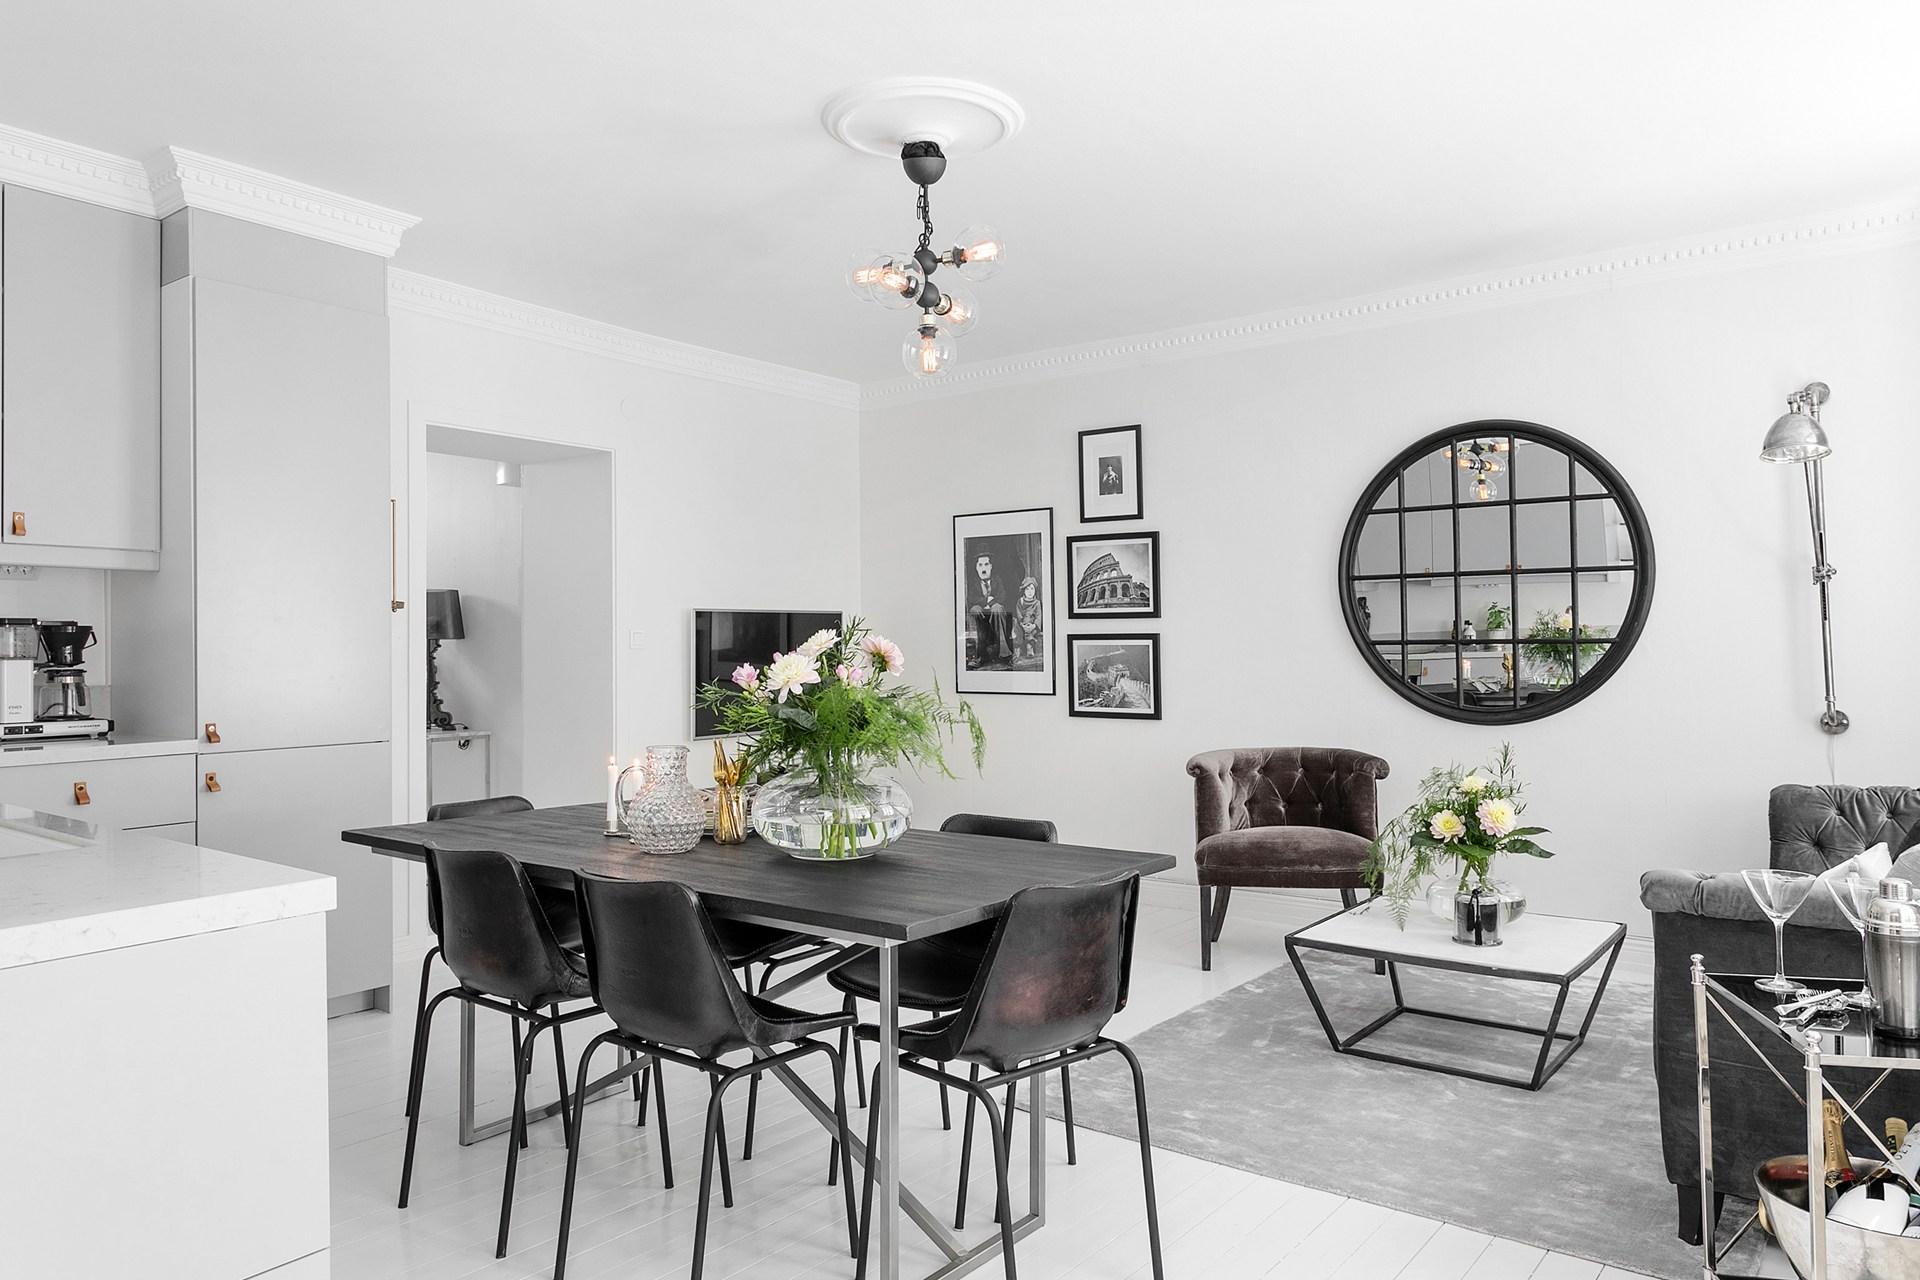 обеденный стол стулья кухня гостиная